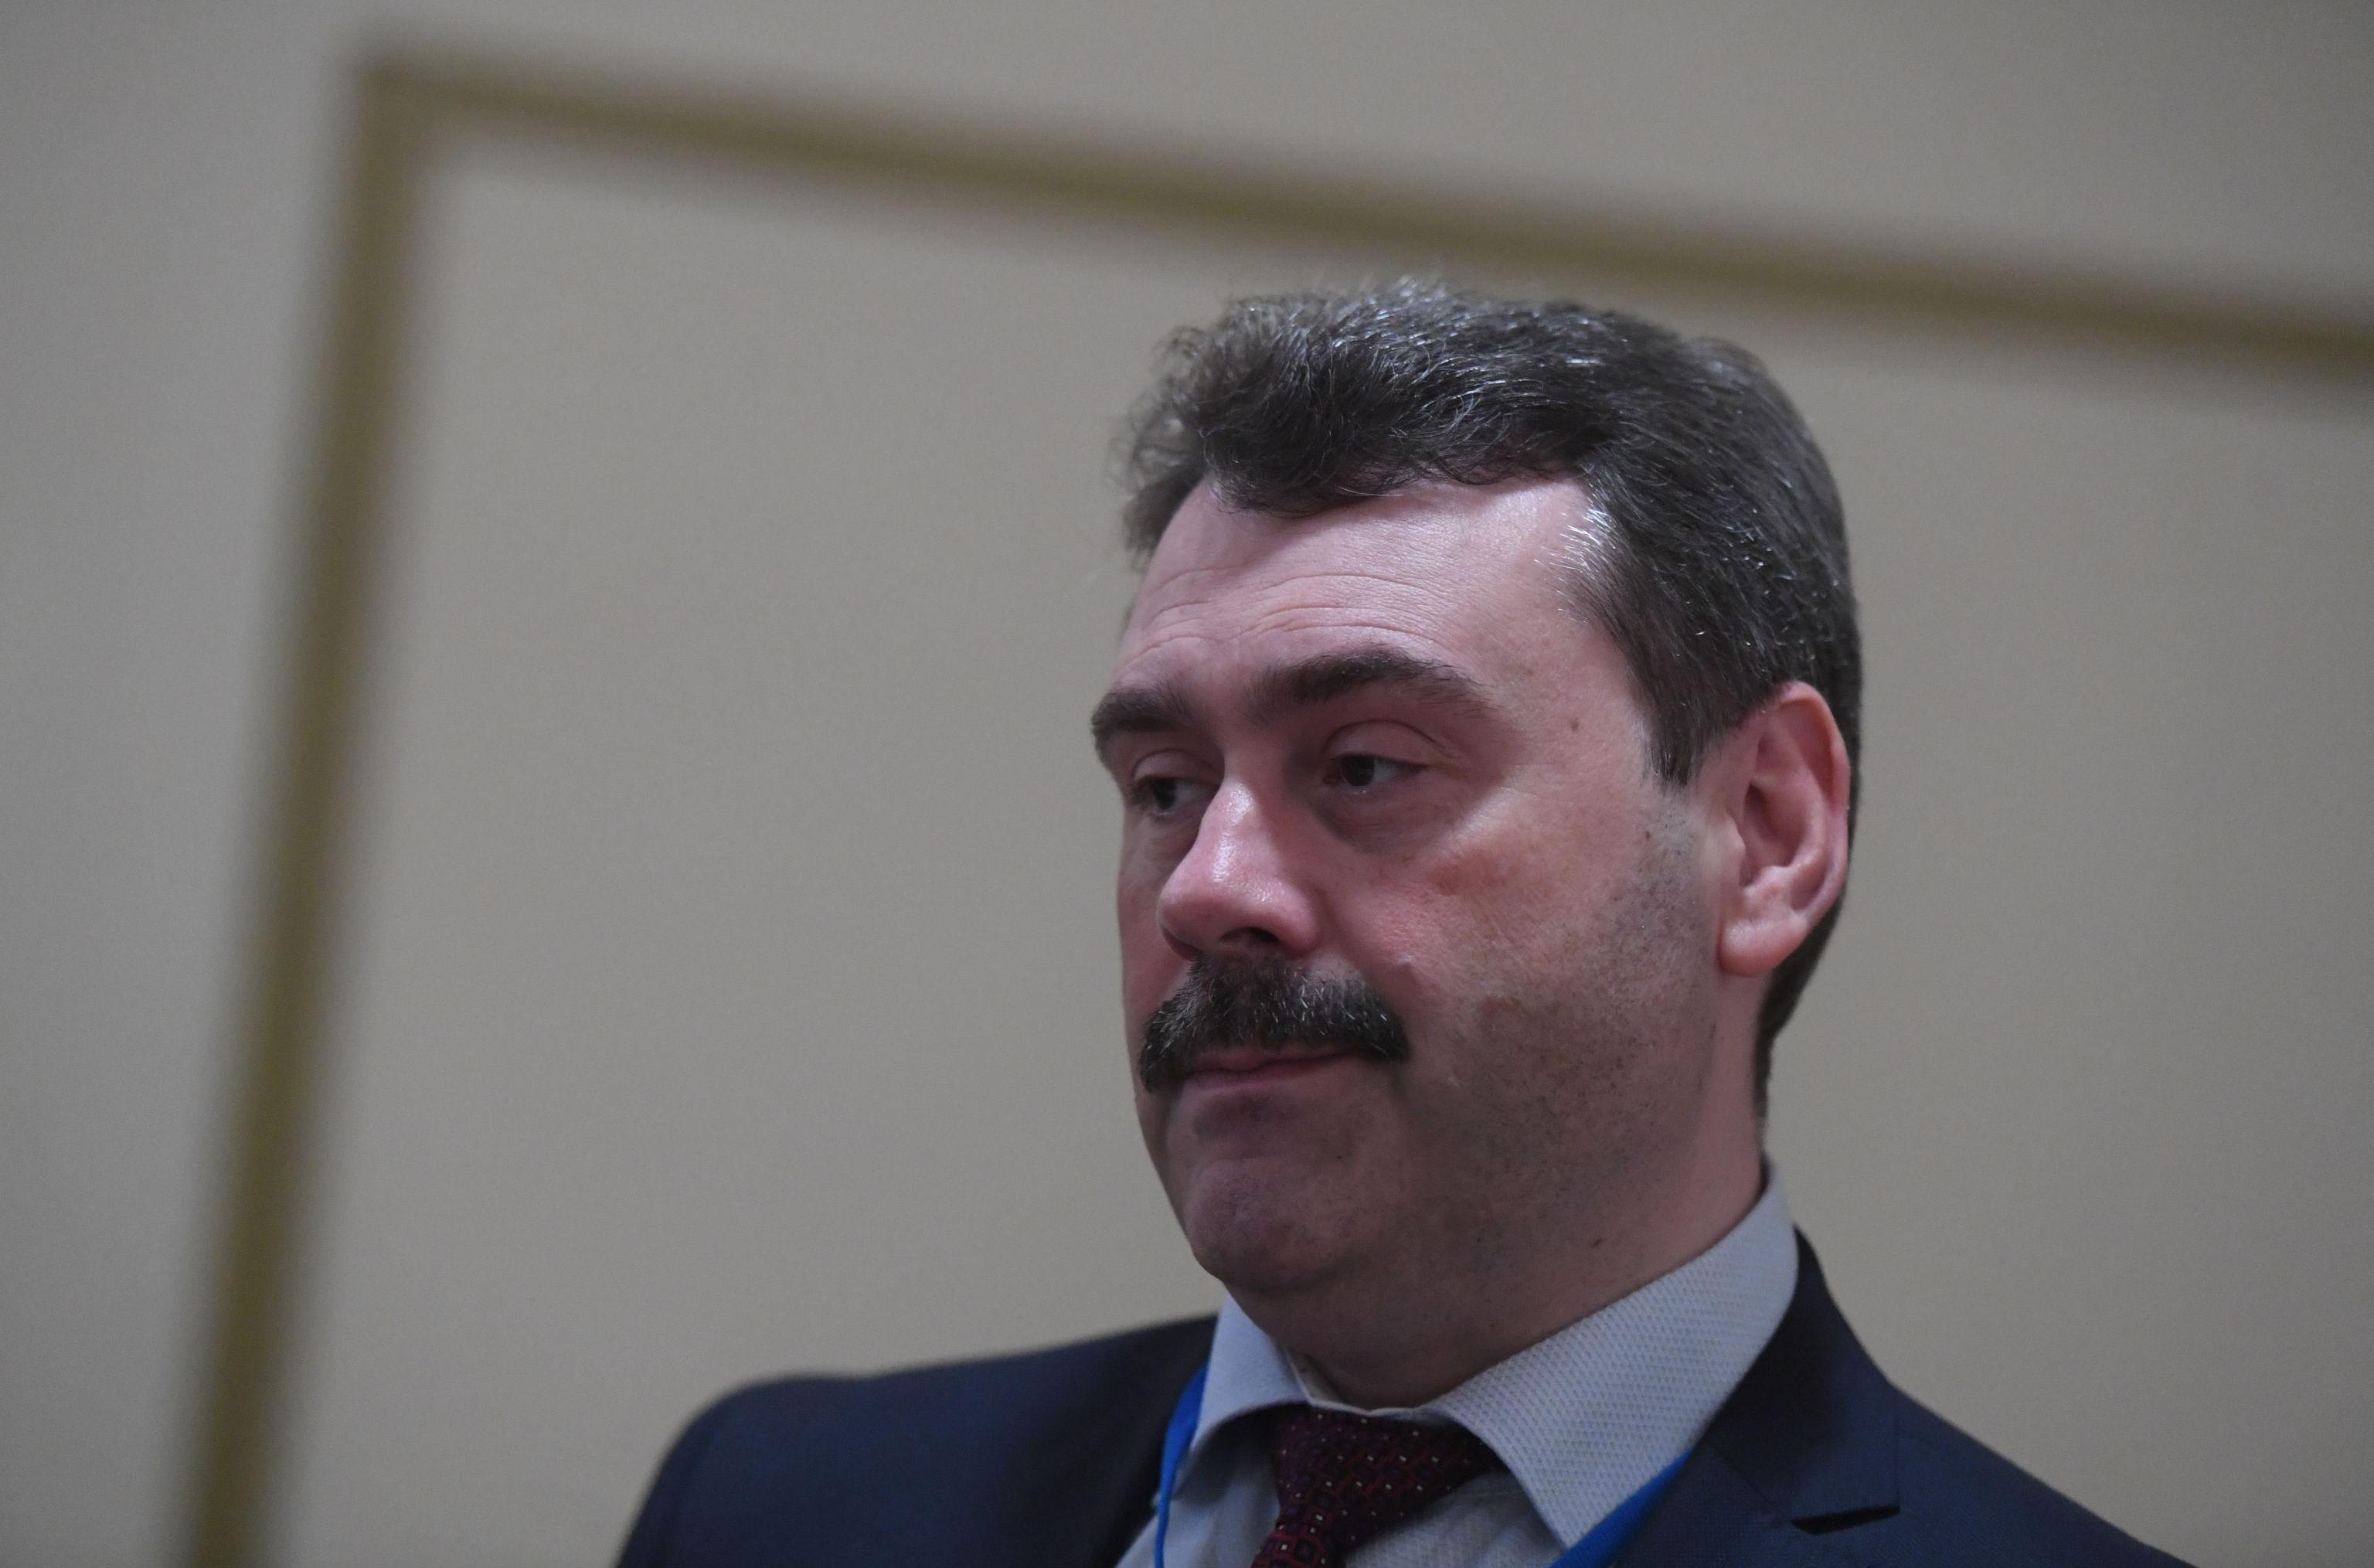 Статс-секретарь, заместитель директора Росфинмониторинга Павел Левадный на форуме по борьбе с отмыванием денег и финансированием терроризма в Москве